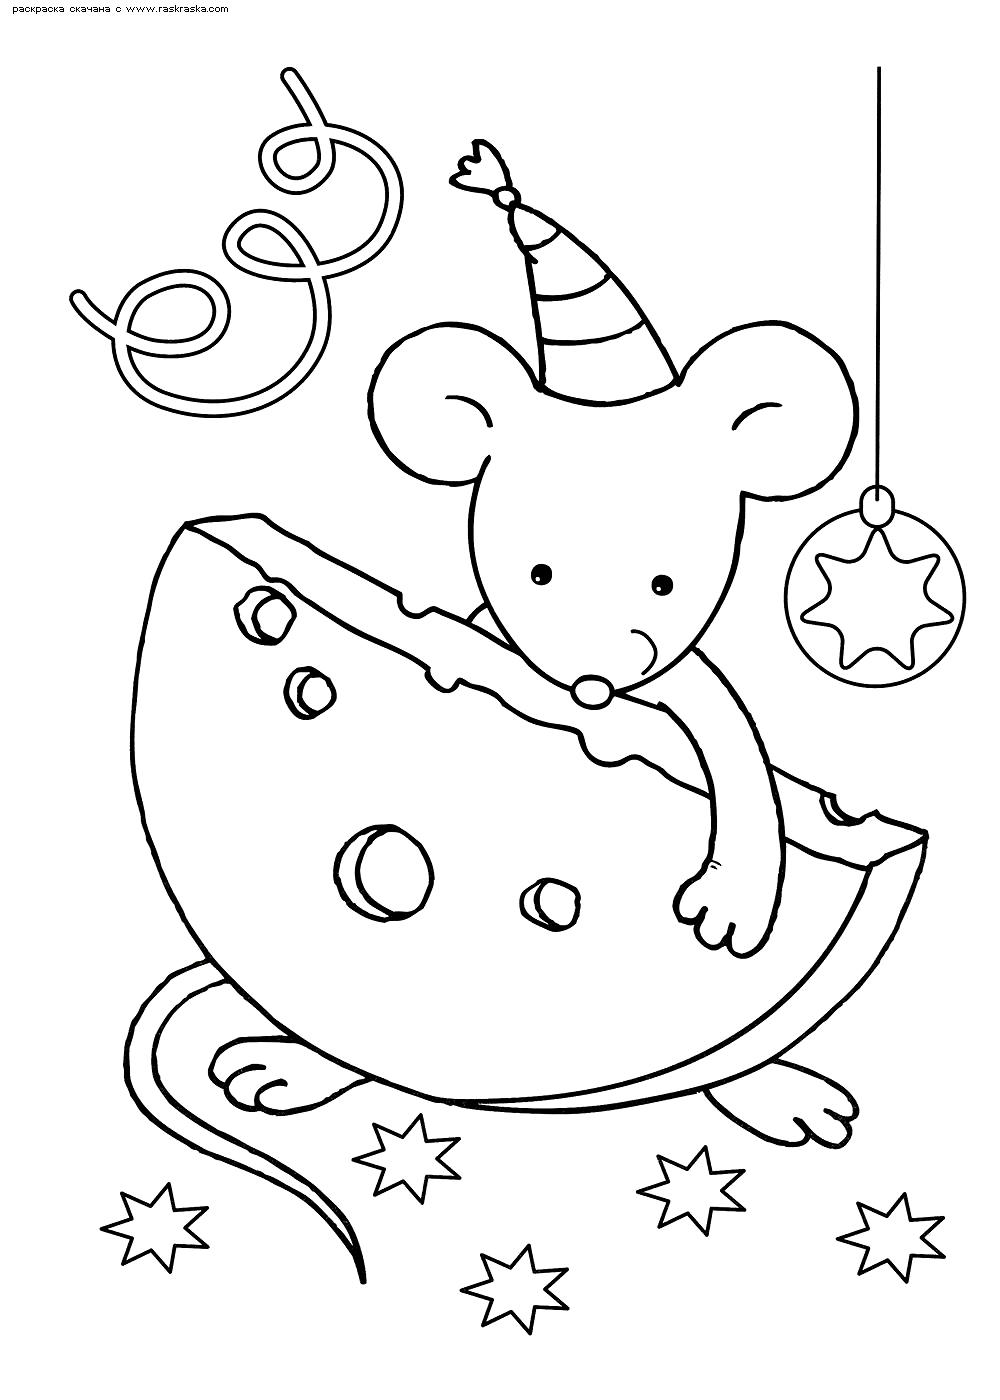 Раскраска Новогодняя мышка   Раскраски мышей, символа 2020 ...